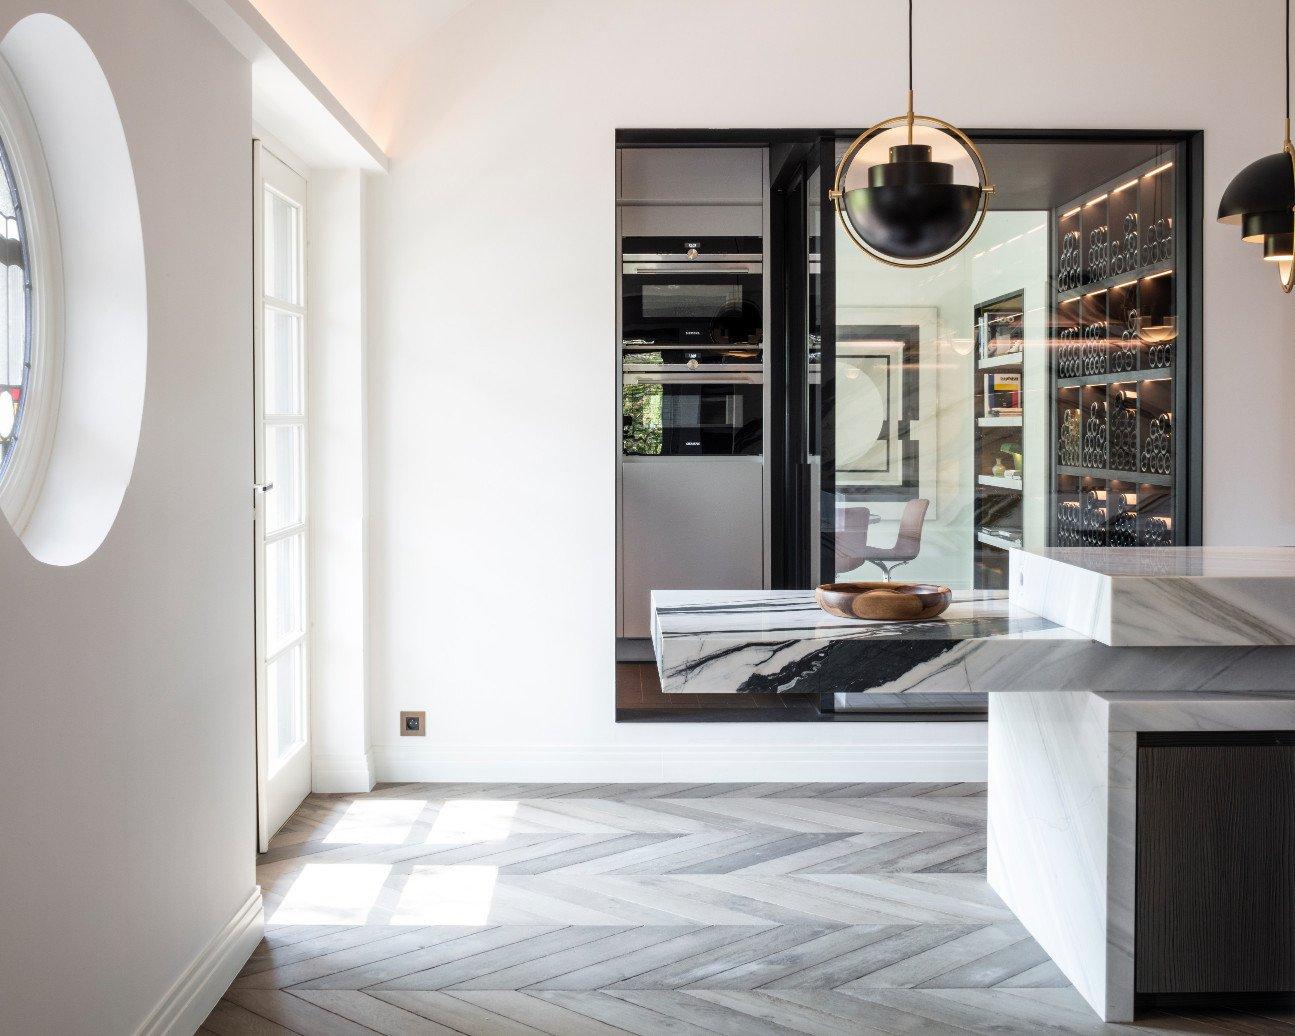 Rietveldprojects-Villadenil-tvdv-office13